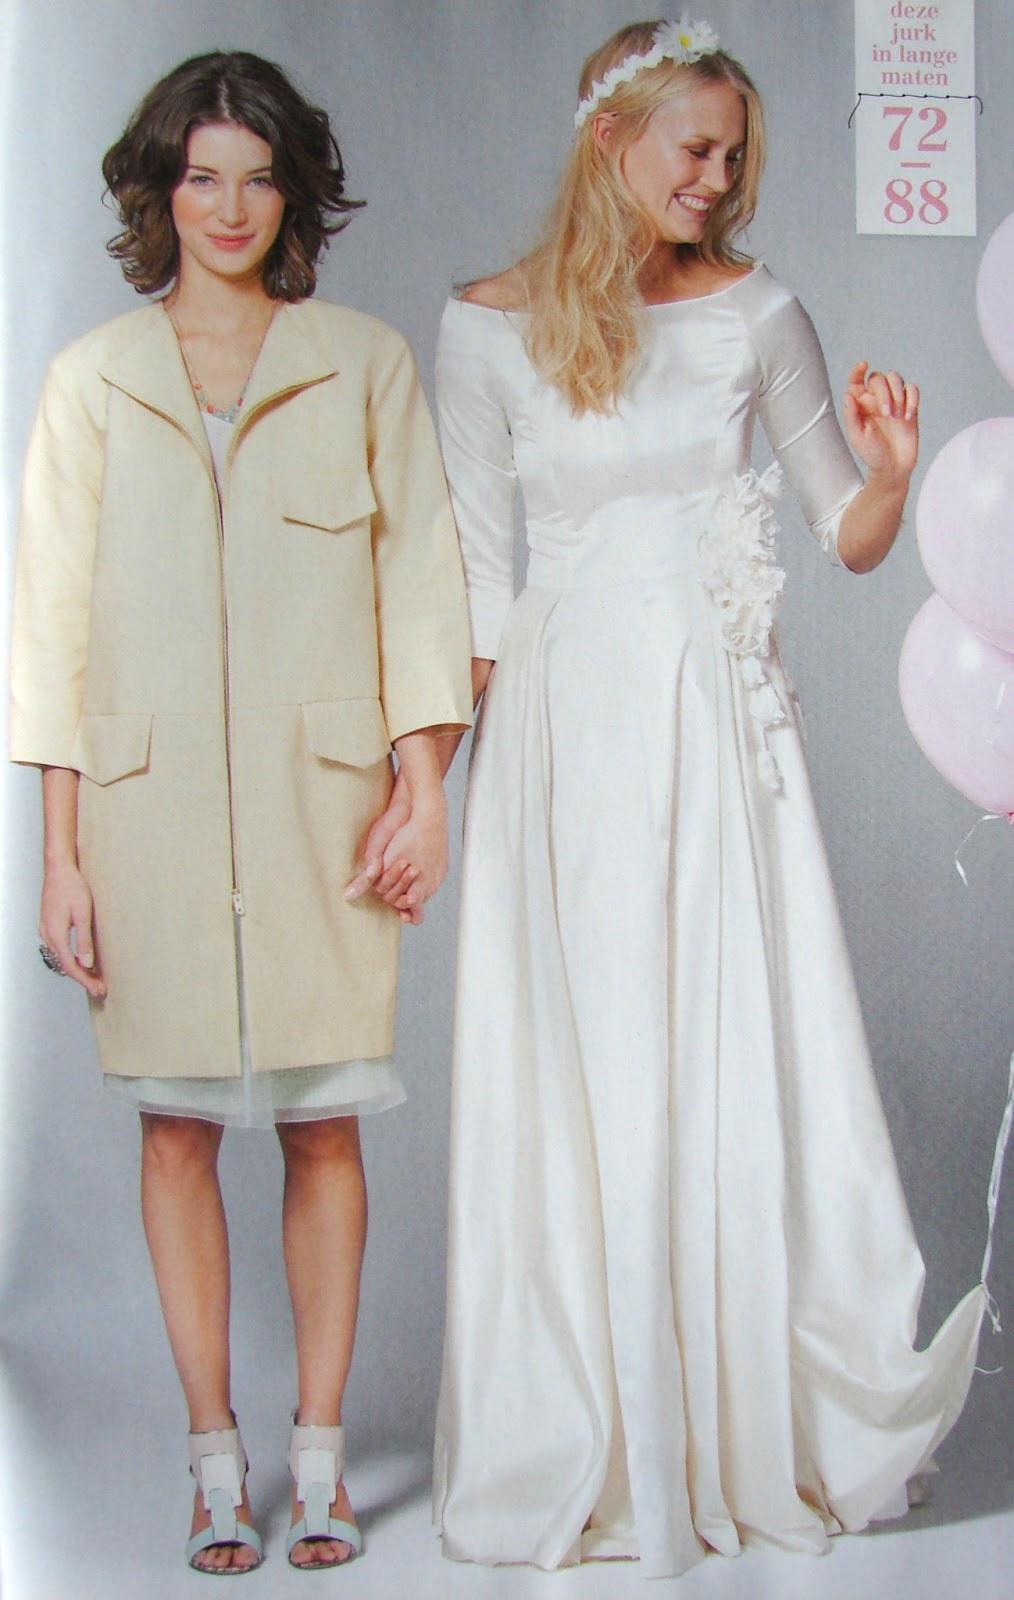 e0e1e8d3d08341 Een grote wollen omslagdoek van een mooie kleur uit het mantelpakje is toch  100 maal mooier en 100 maal makkelijker te maken. Wat een wonderlijke  bruiloften ...